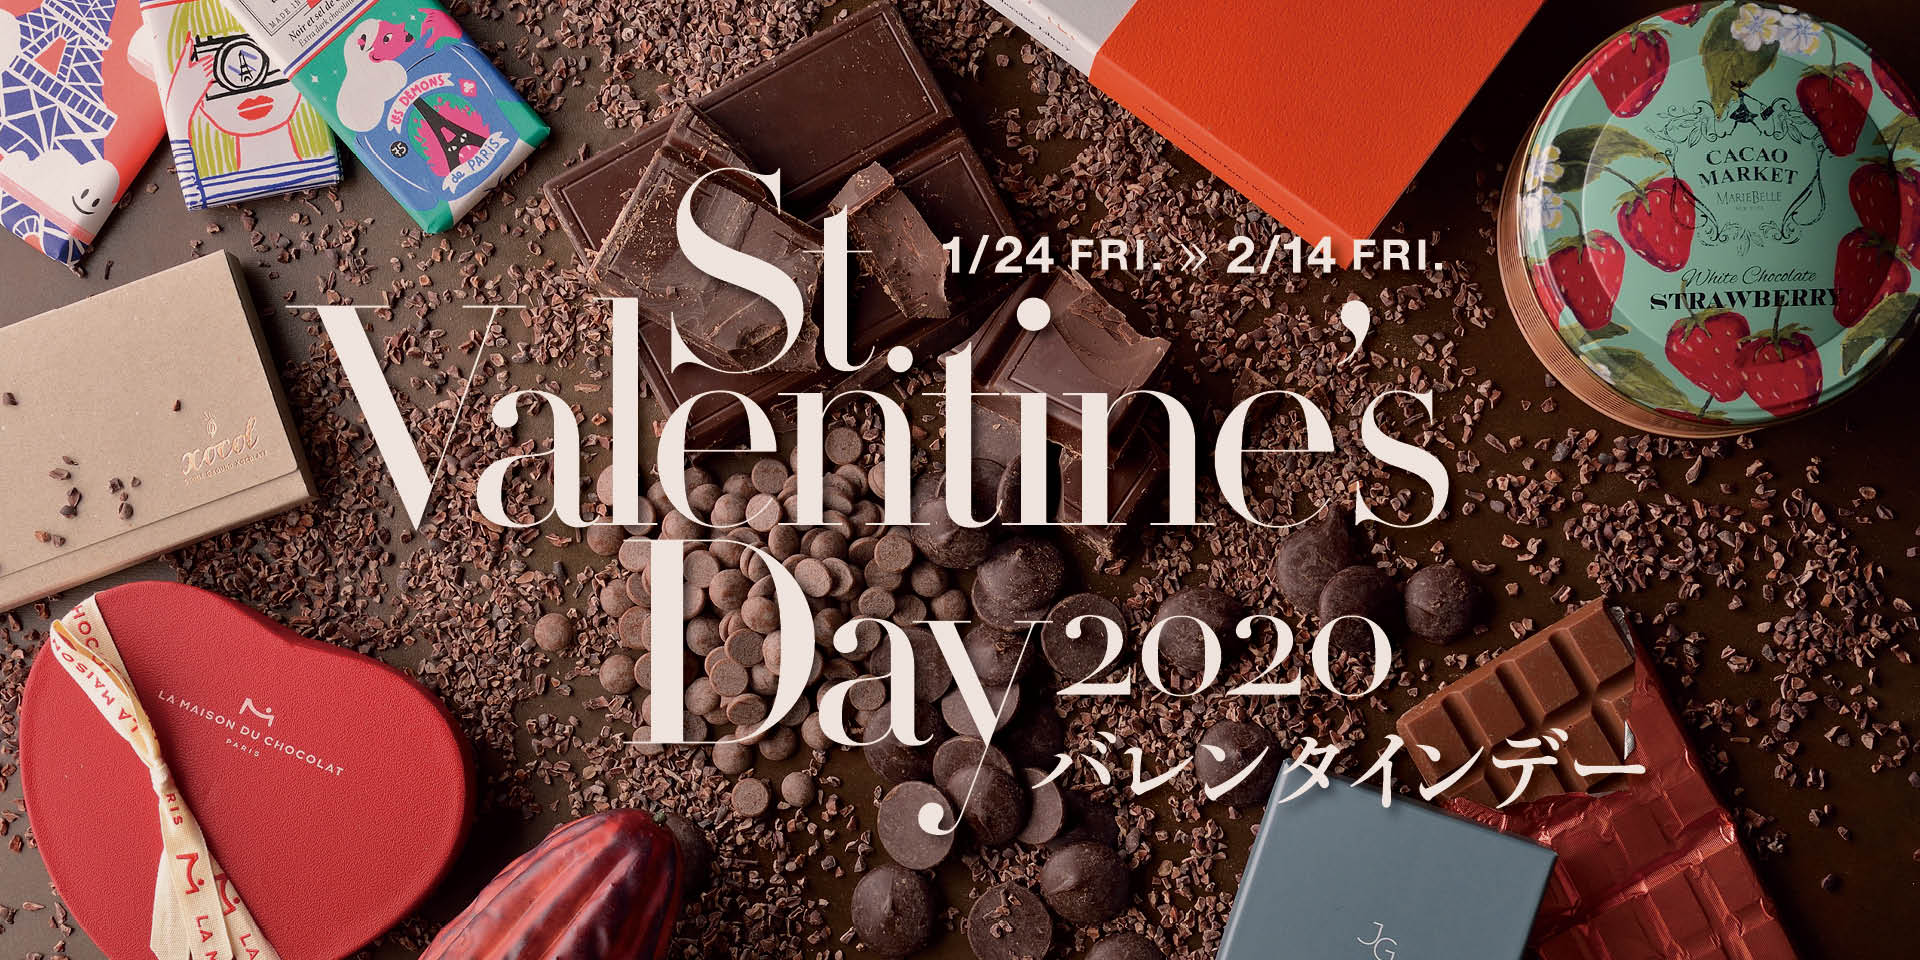 Roppongi Hills St.Valentine's Day 2020